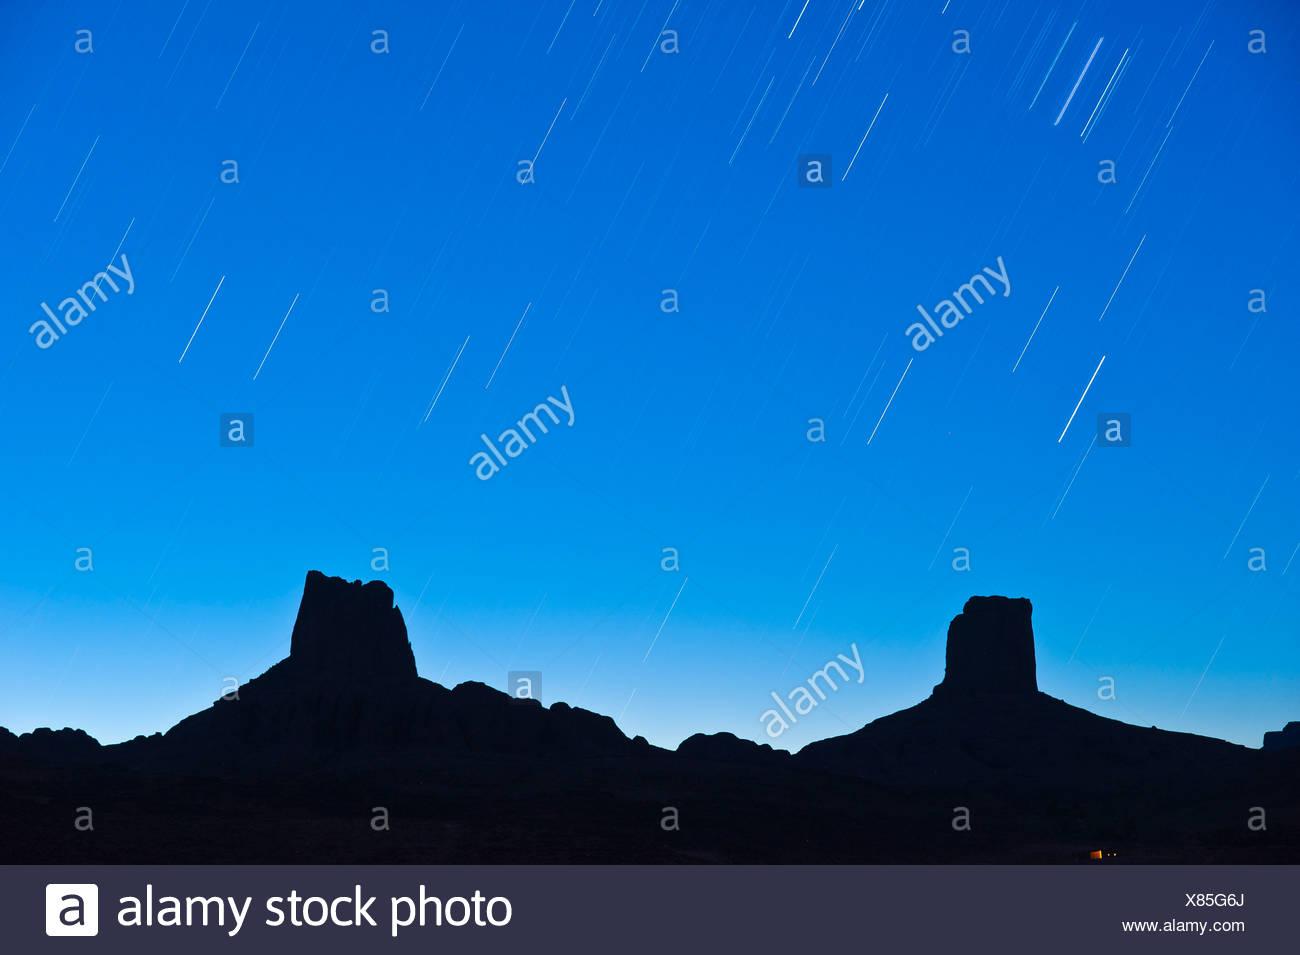 Plagado de estrellas del cielo sobre imponentes rocas, llamada Madame y Monsieur, Bab n'Ali, Djebel Sarhro montañas, sur de Marruecos. Foto de stock